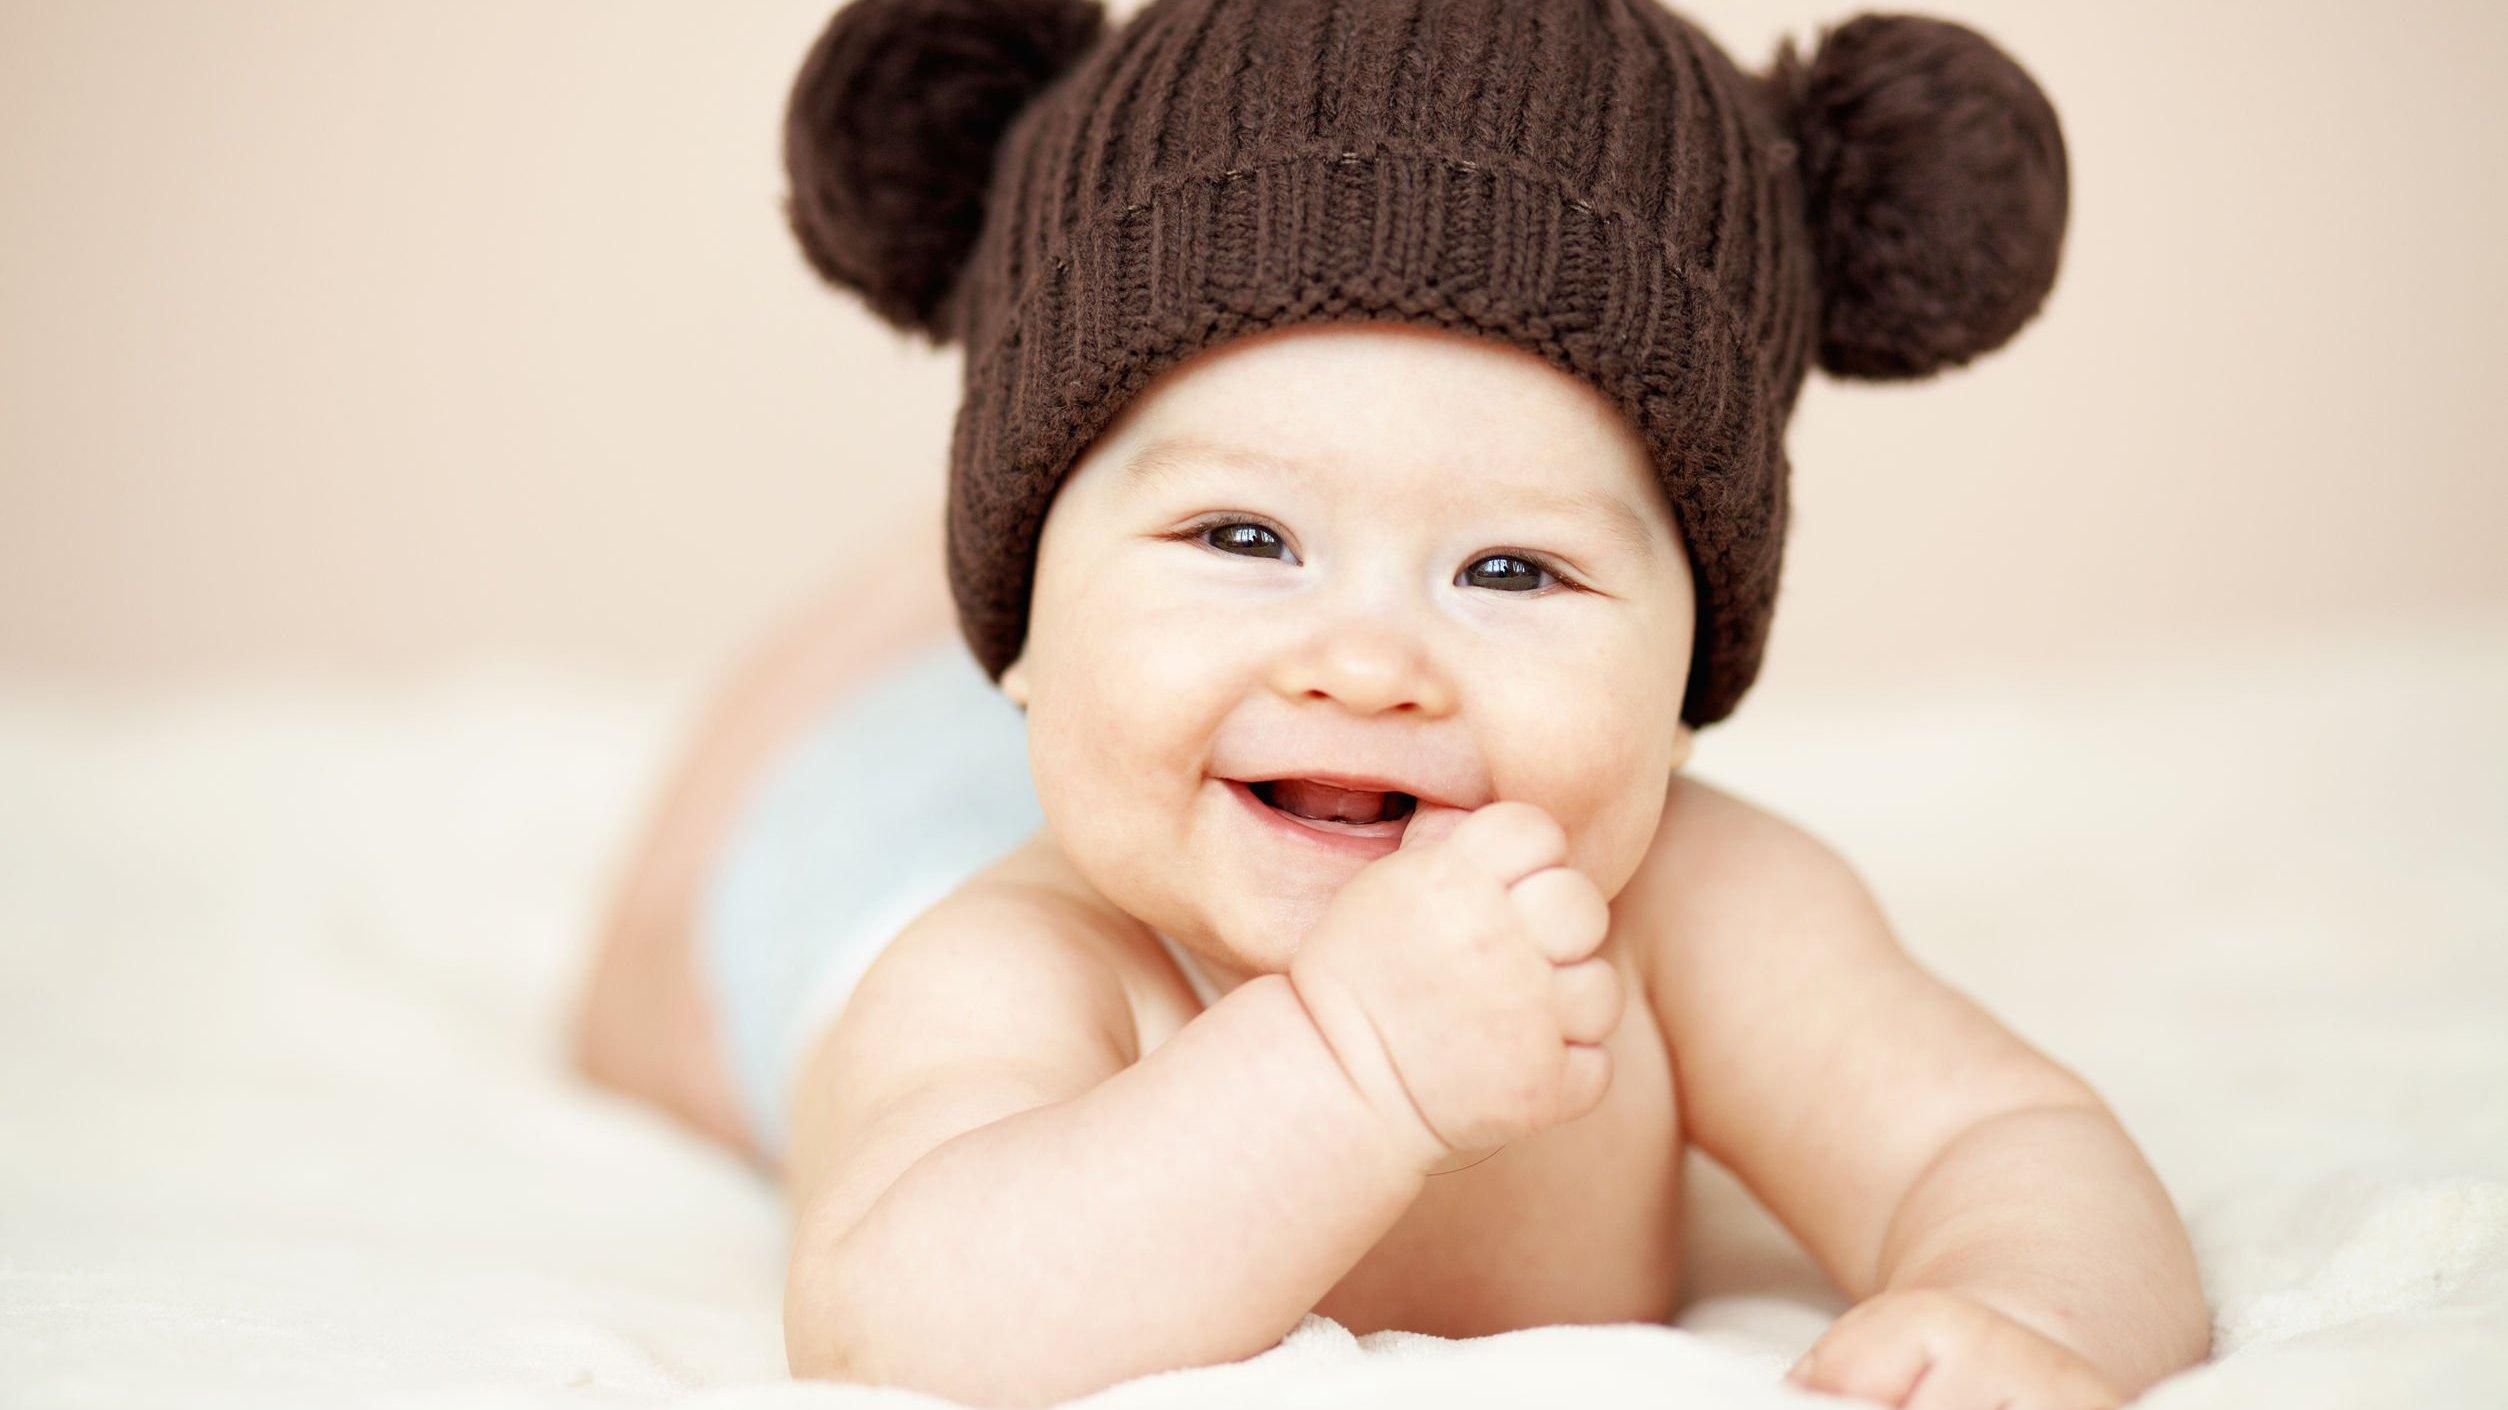 Bebê com touca de ursinho marrom